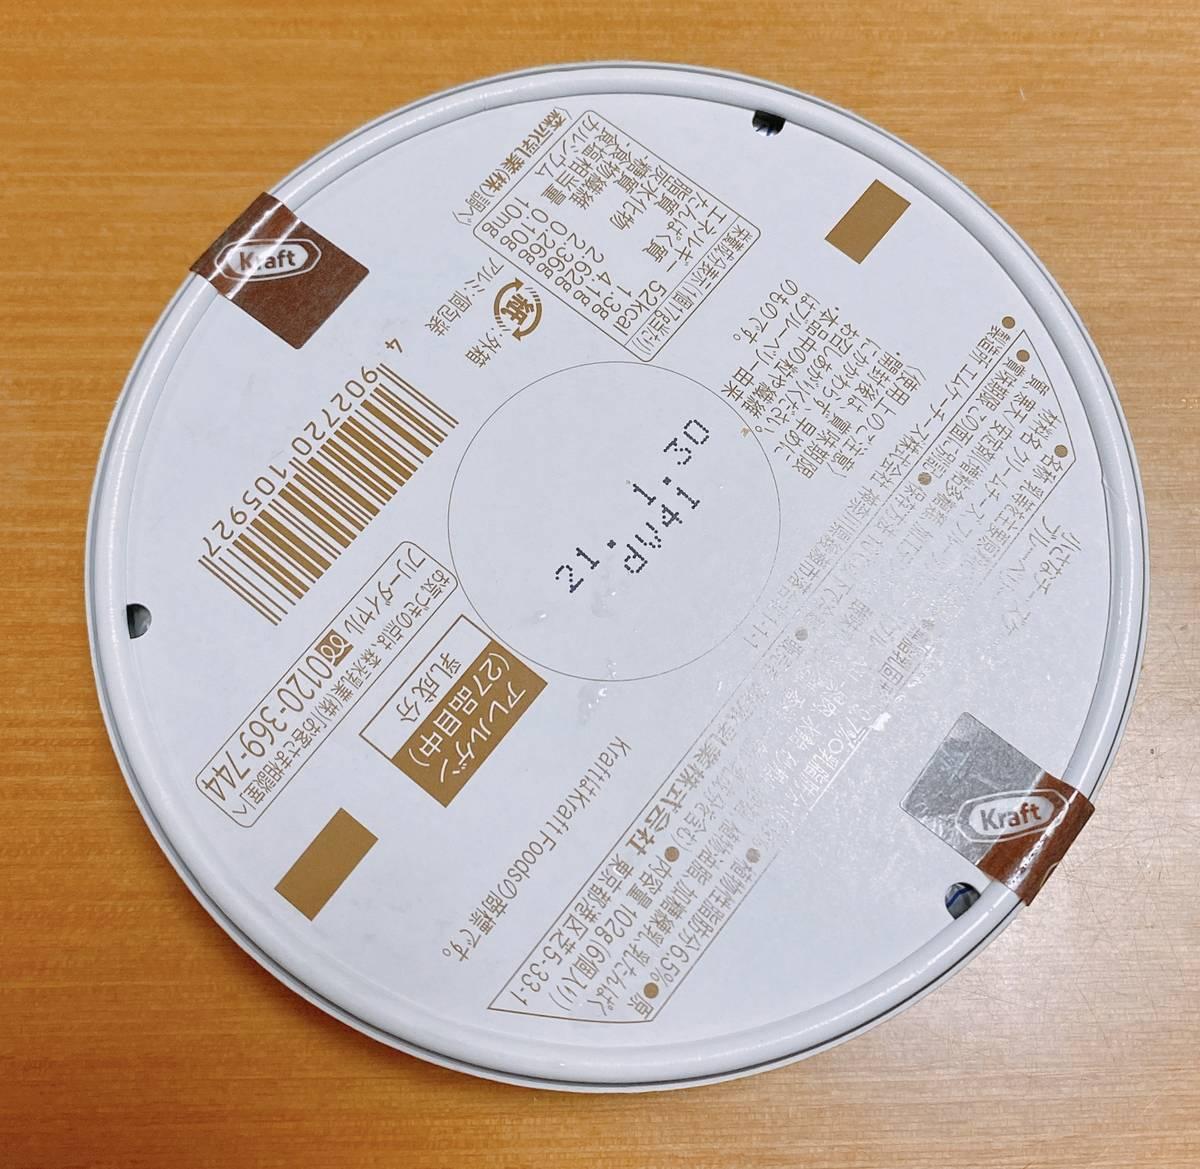 f:id:taberunodaisuki:20200920113116j:plain